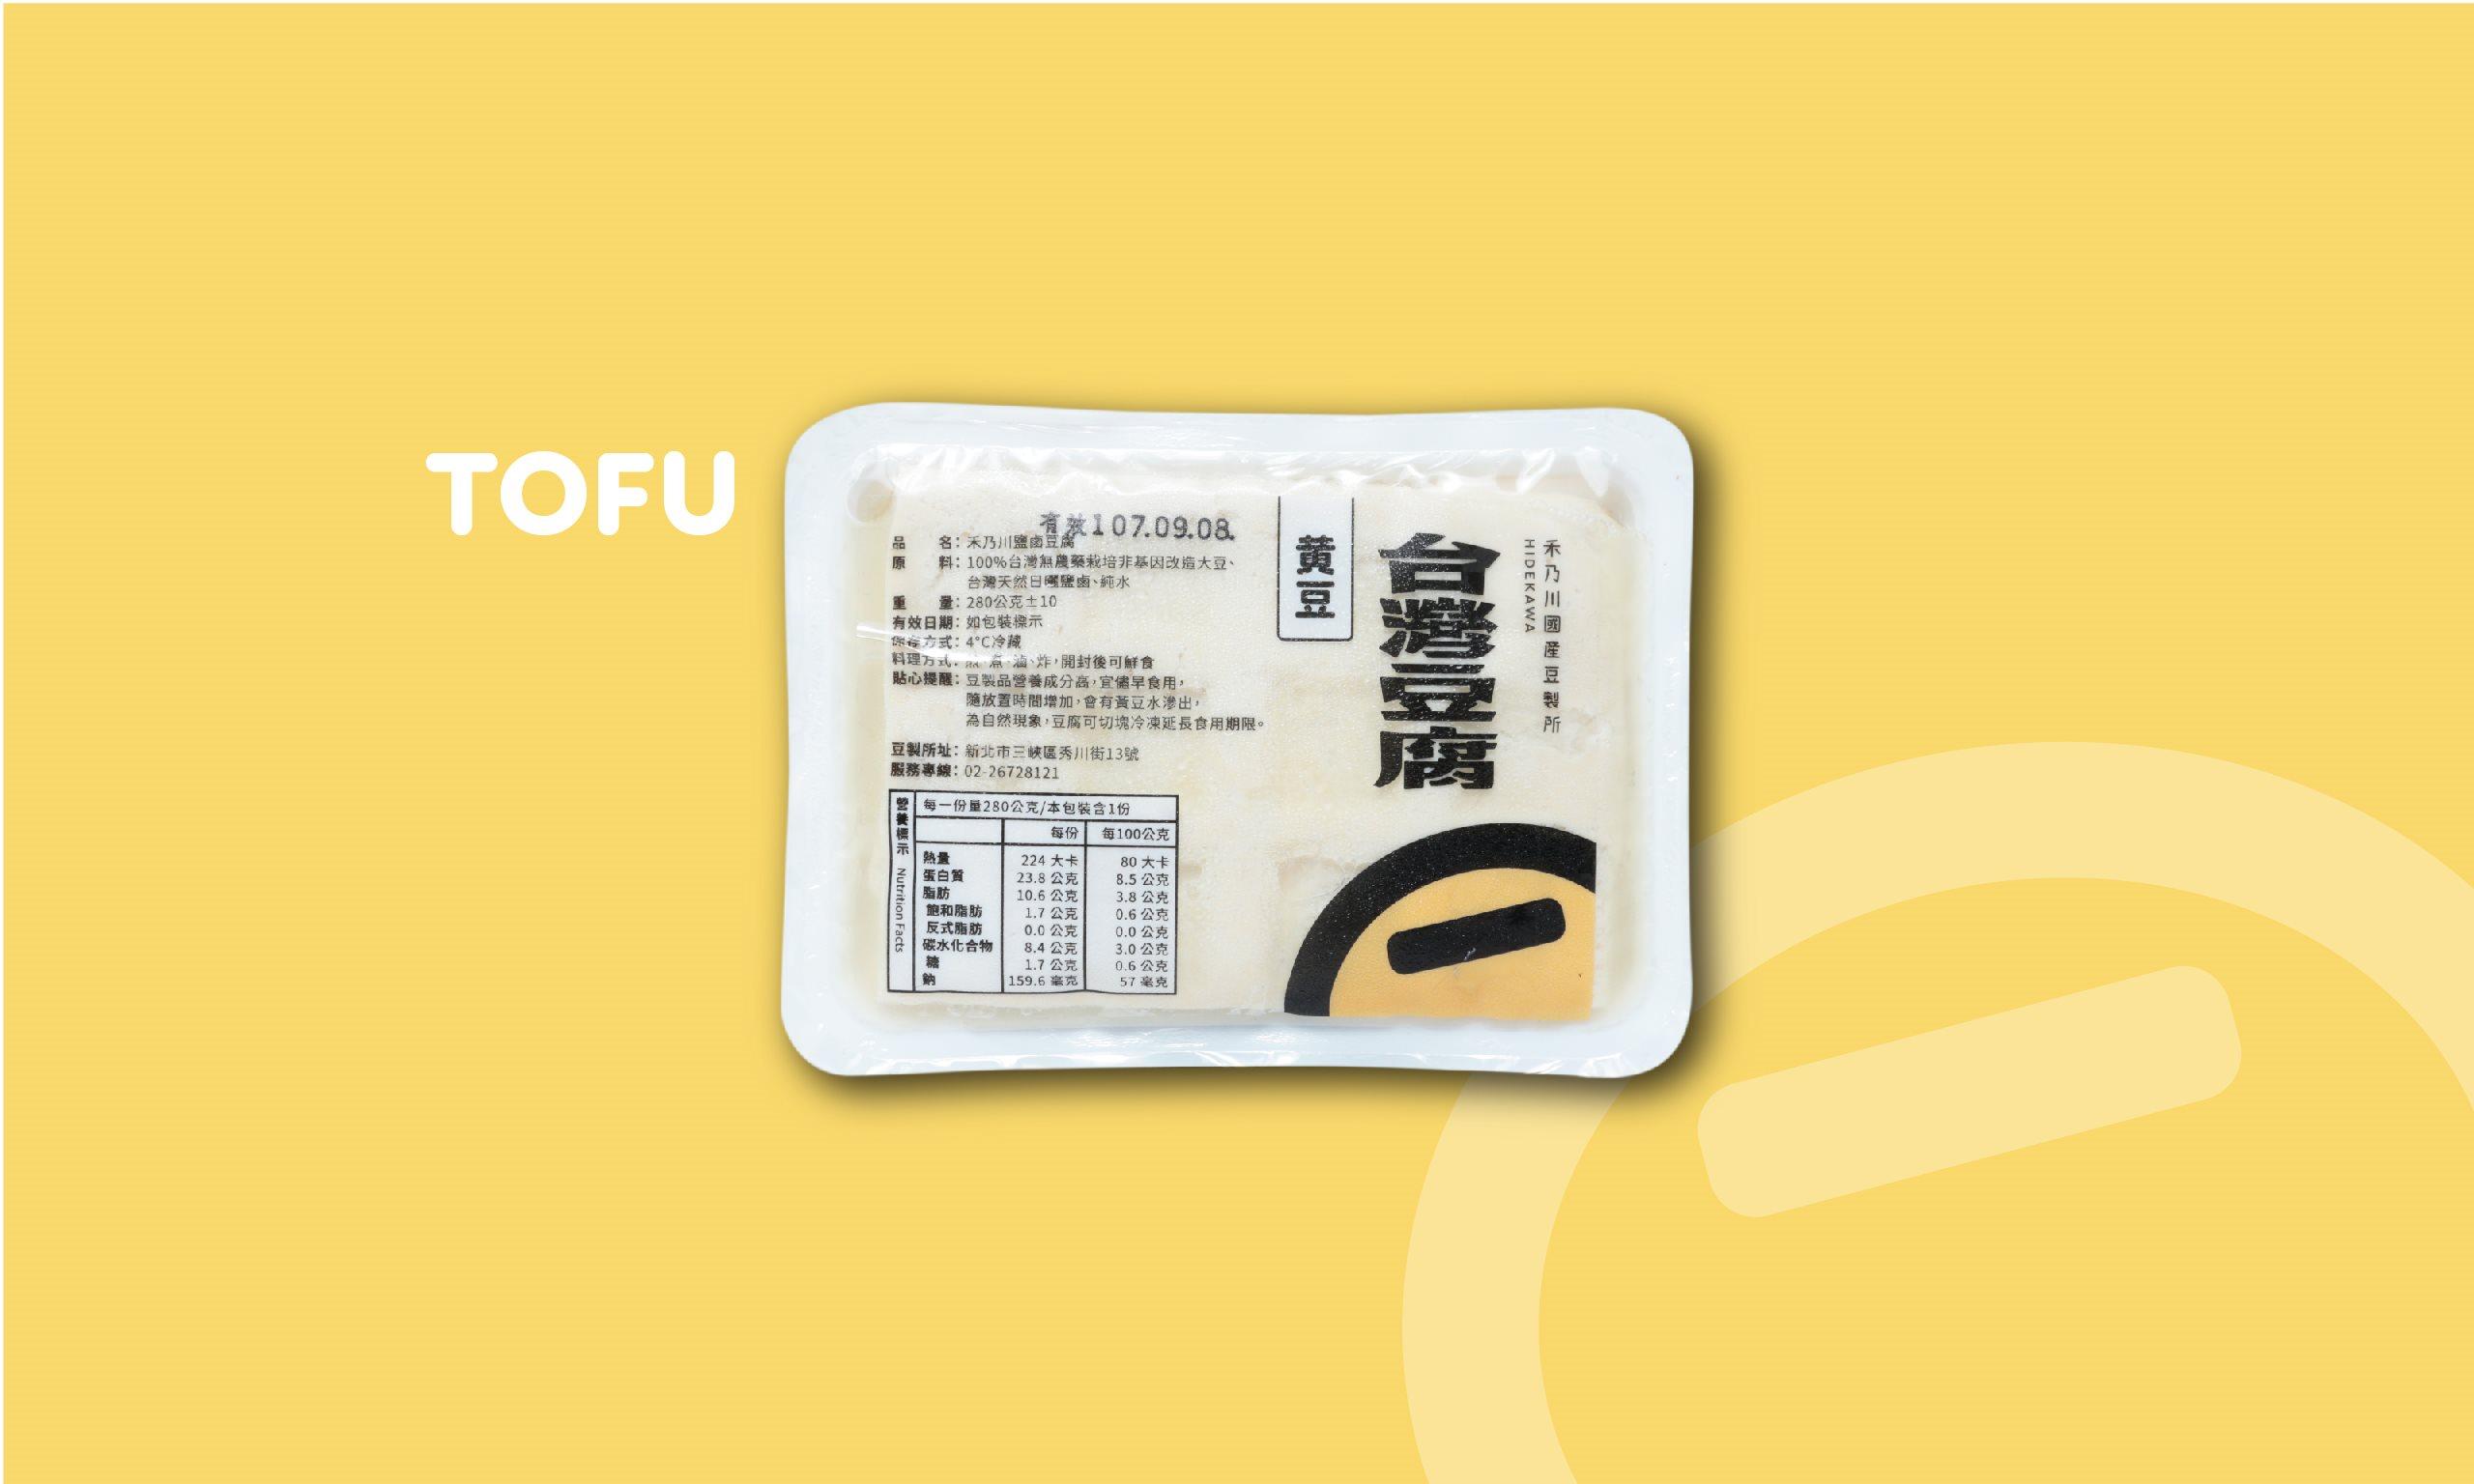 鹽鹵豆腐 - 天然日曬鹽鹵